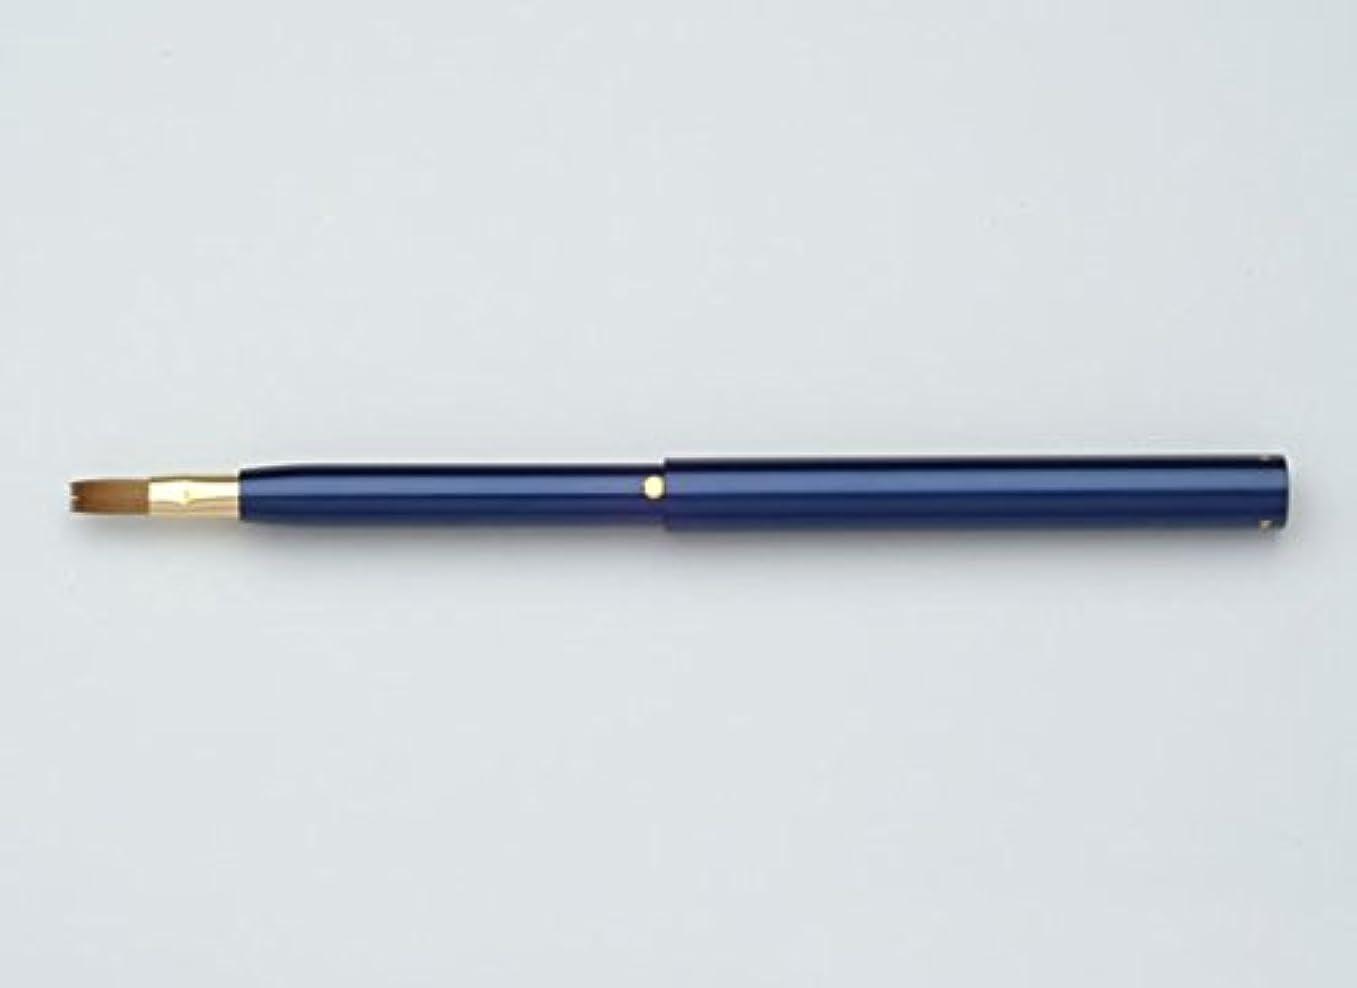 お肉なに四熊野筆 丹精堂 リップブラシTRO-03 ブルー